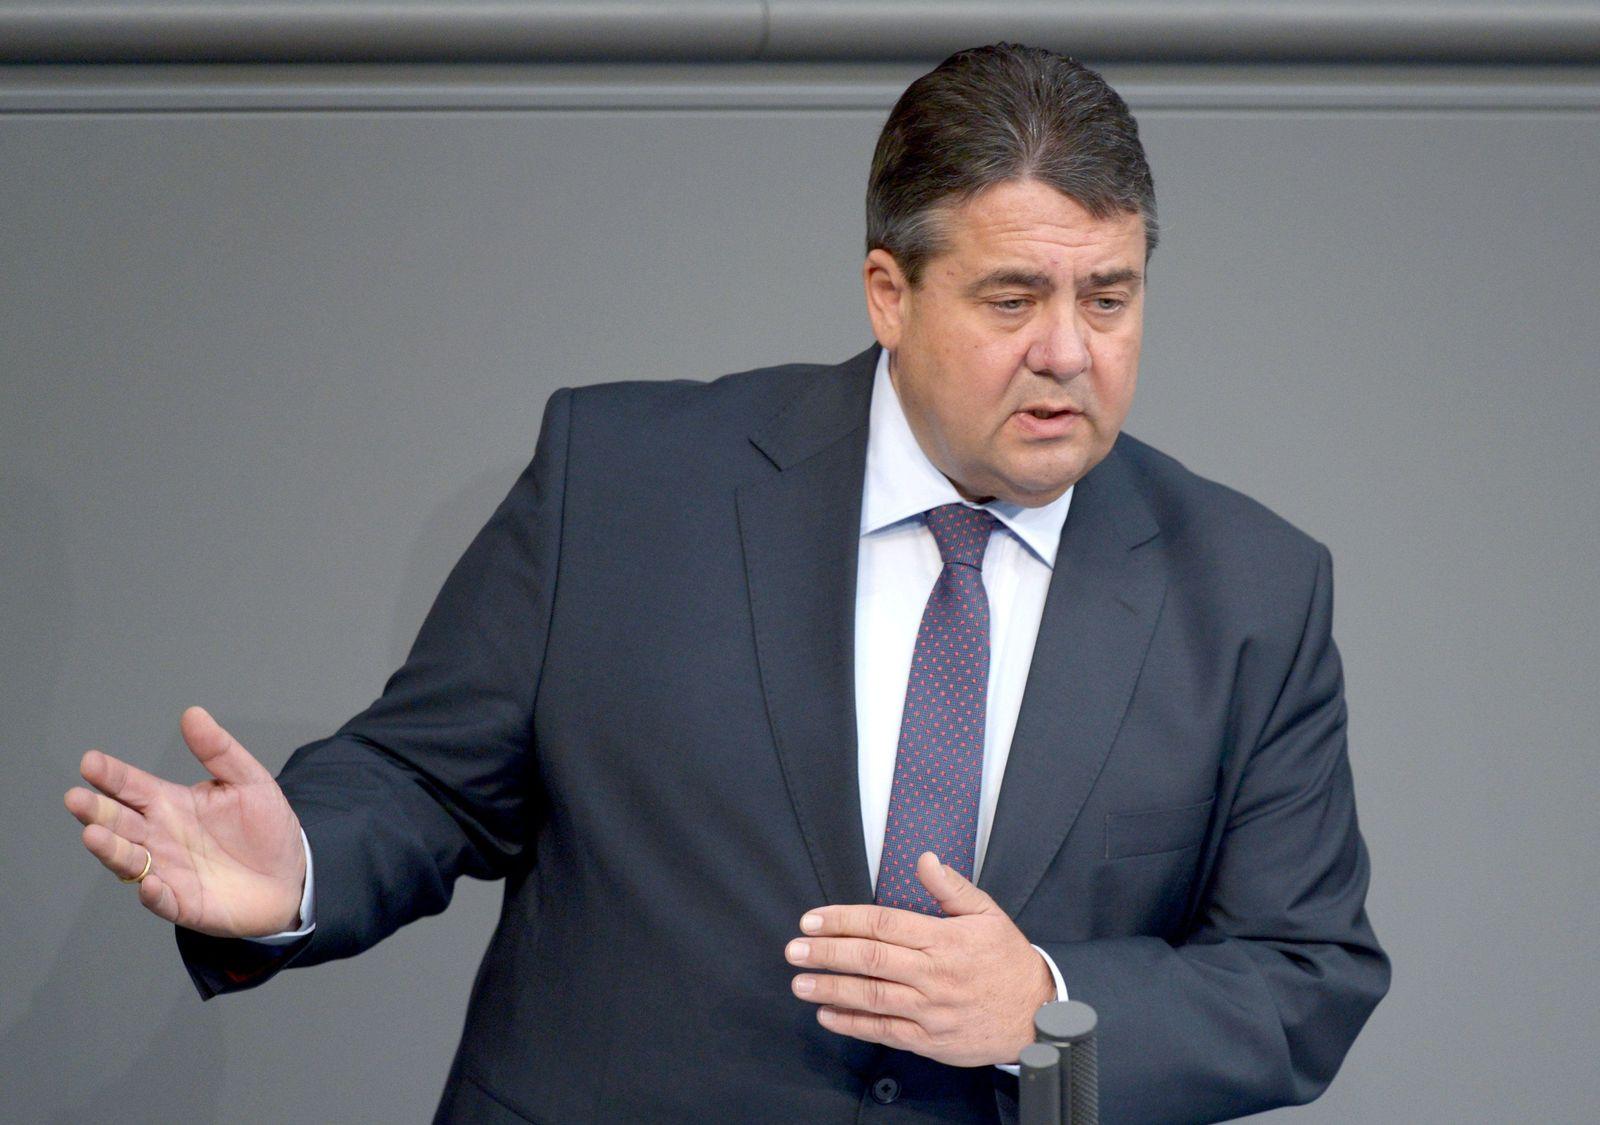 Bundestag - Debatte Freihandelsabkommen Sigmar Gabriel